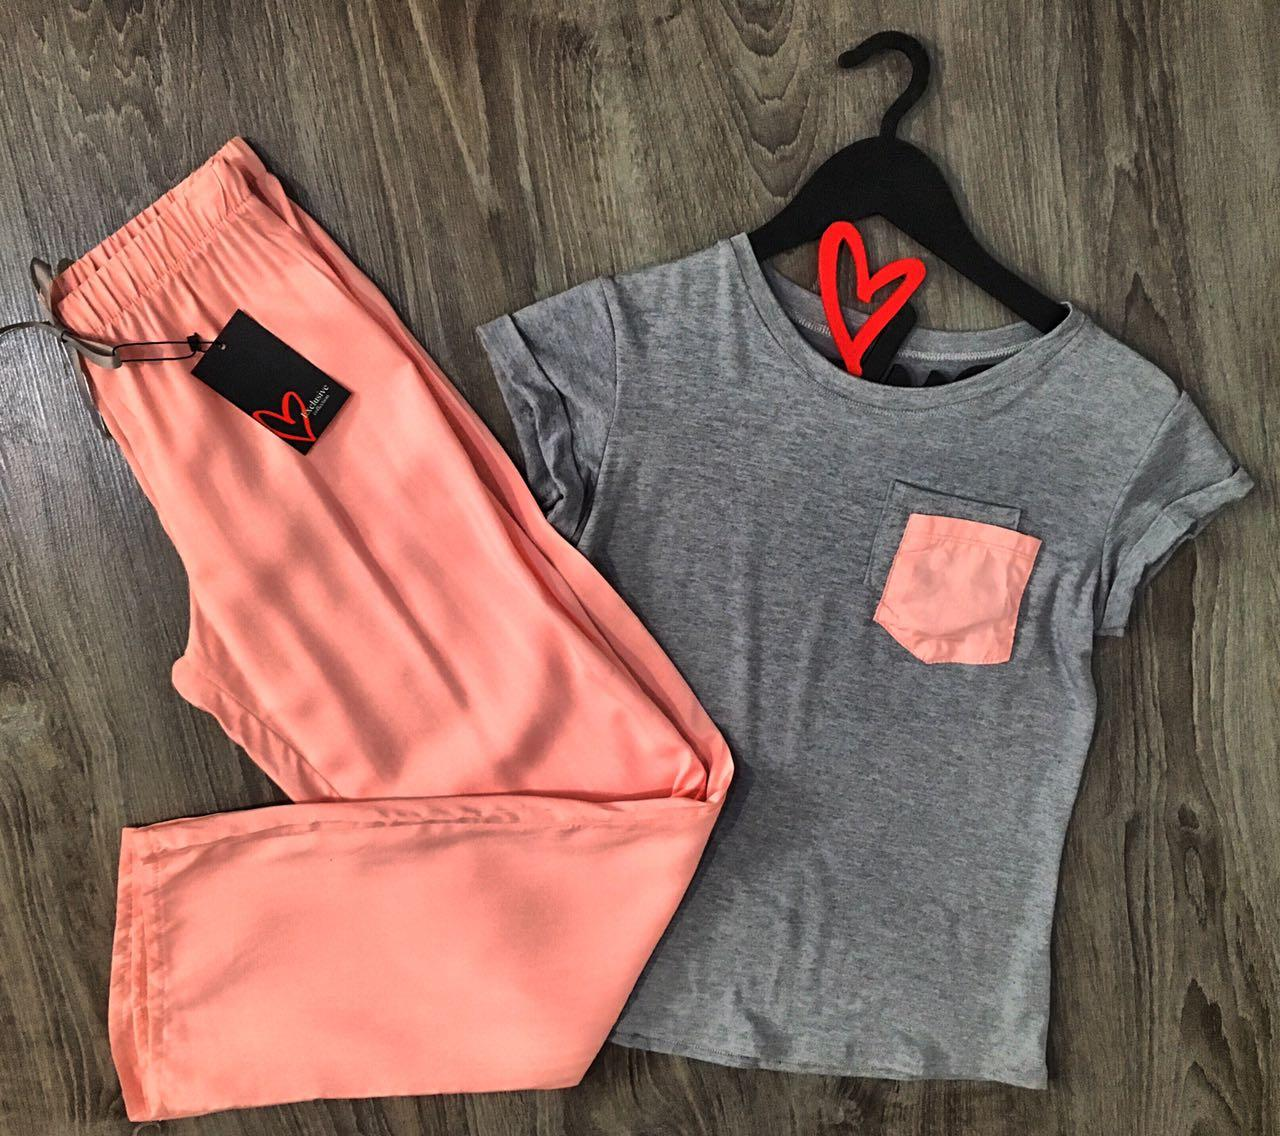 Легкая пижама футболка и штаны, комплект одежды для дома.